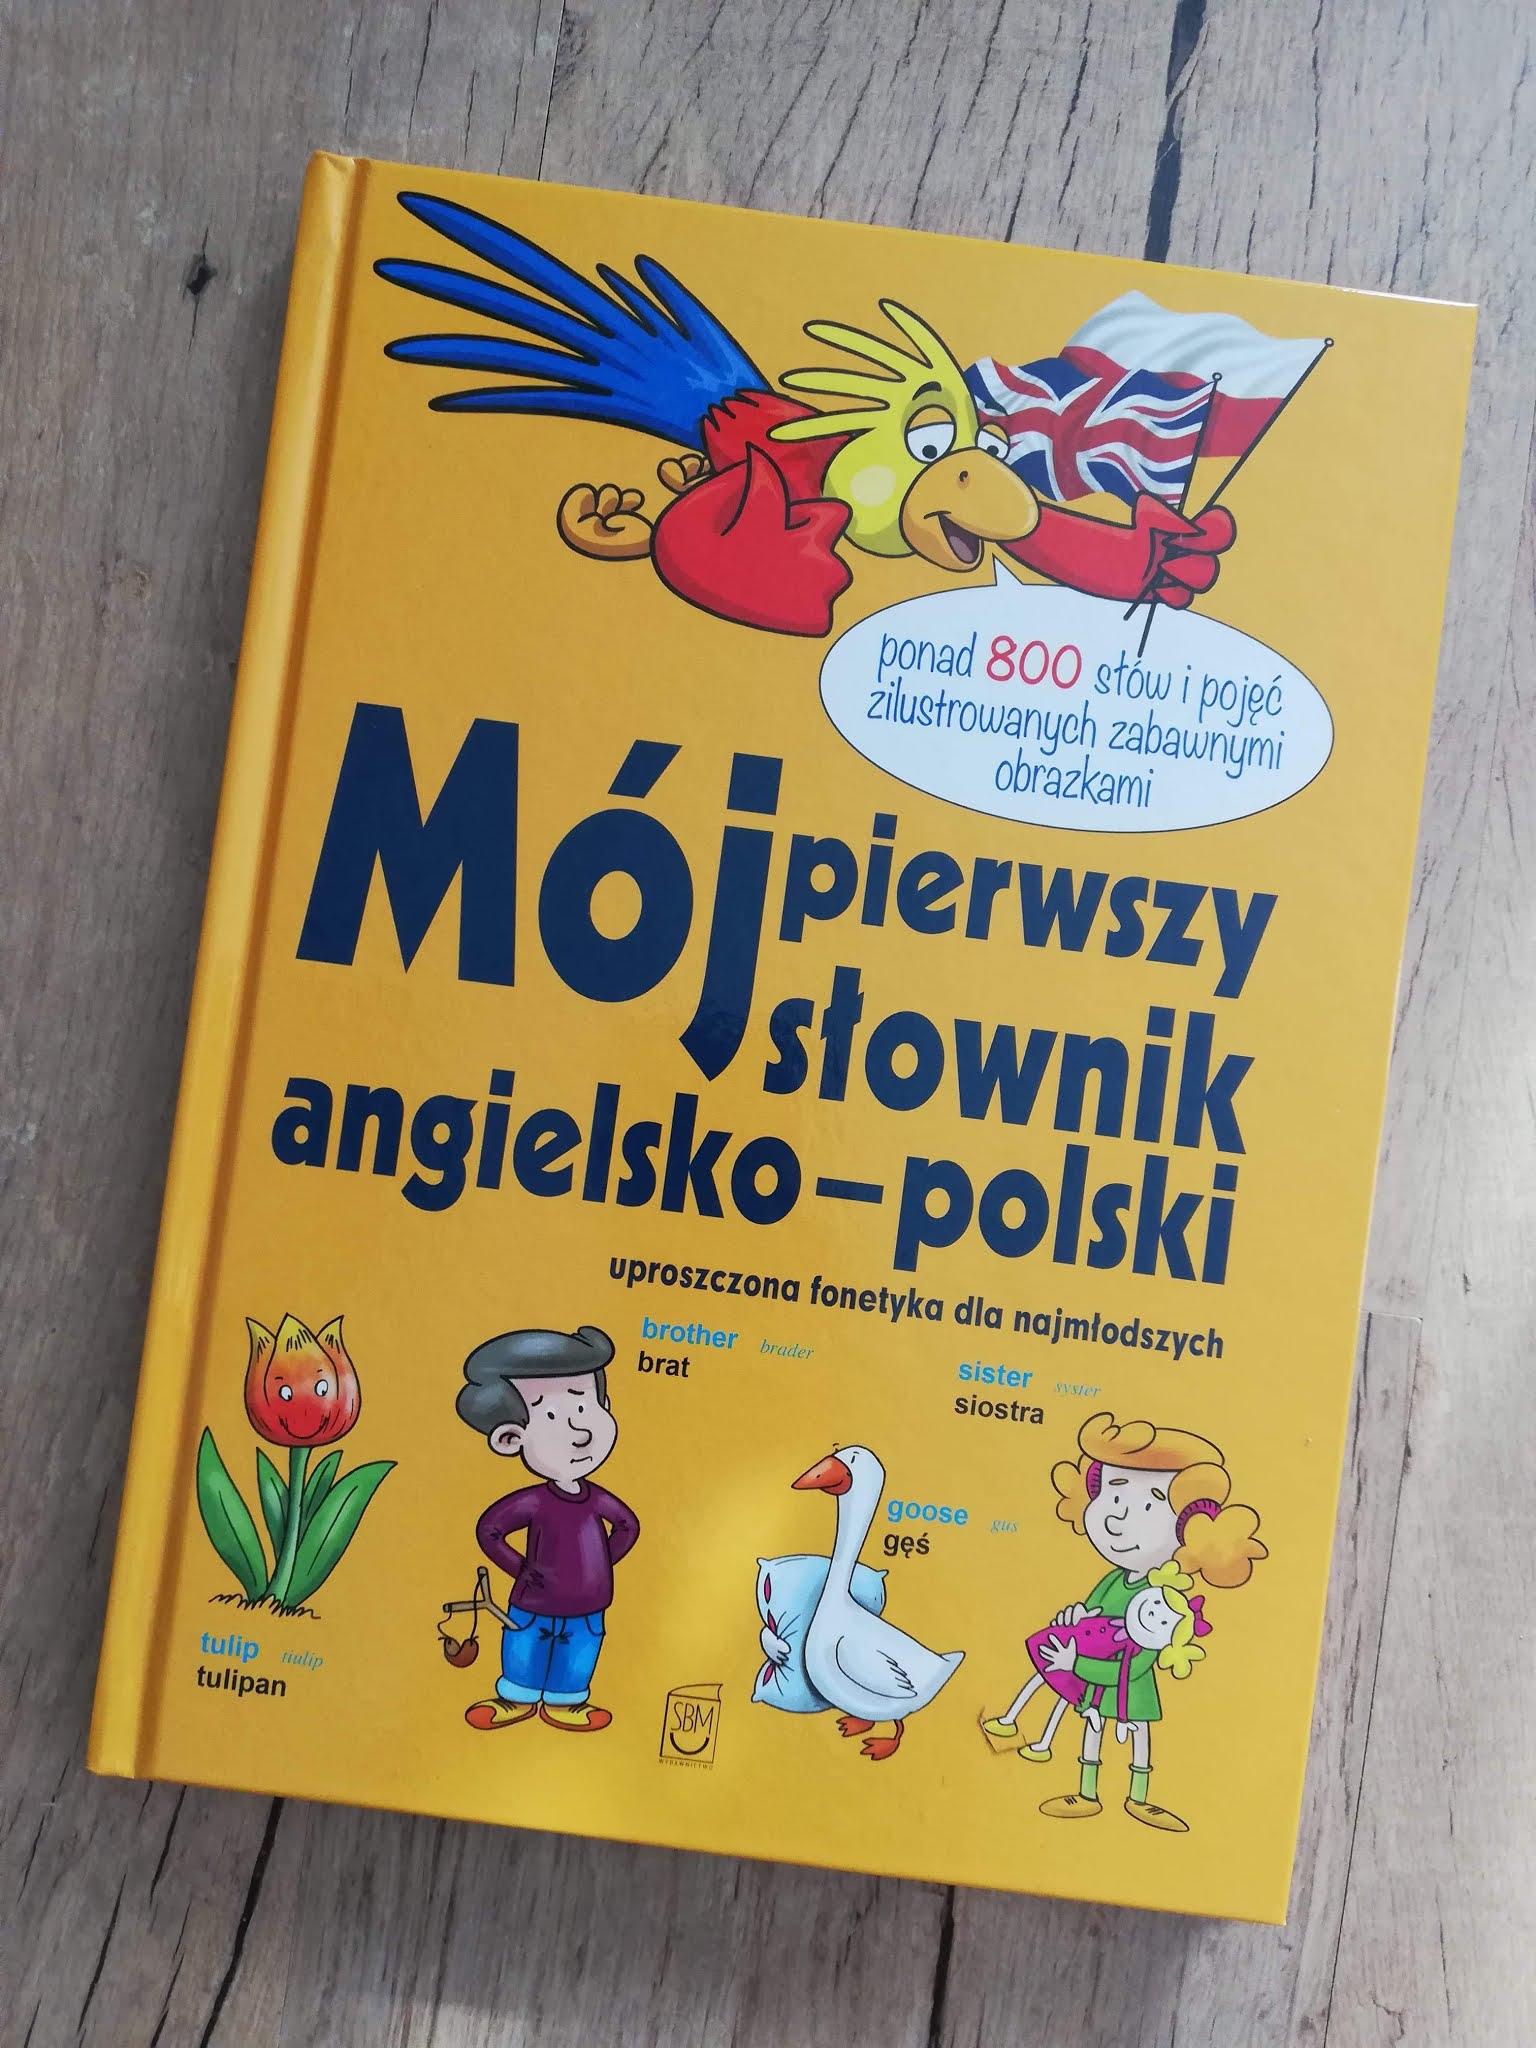 Mój pierwszy słownik angielsko-polski - Wydawnictwo SBM